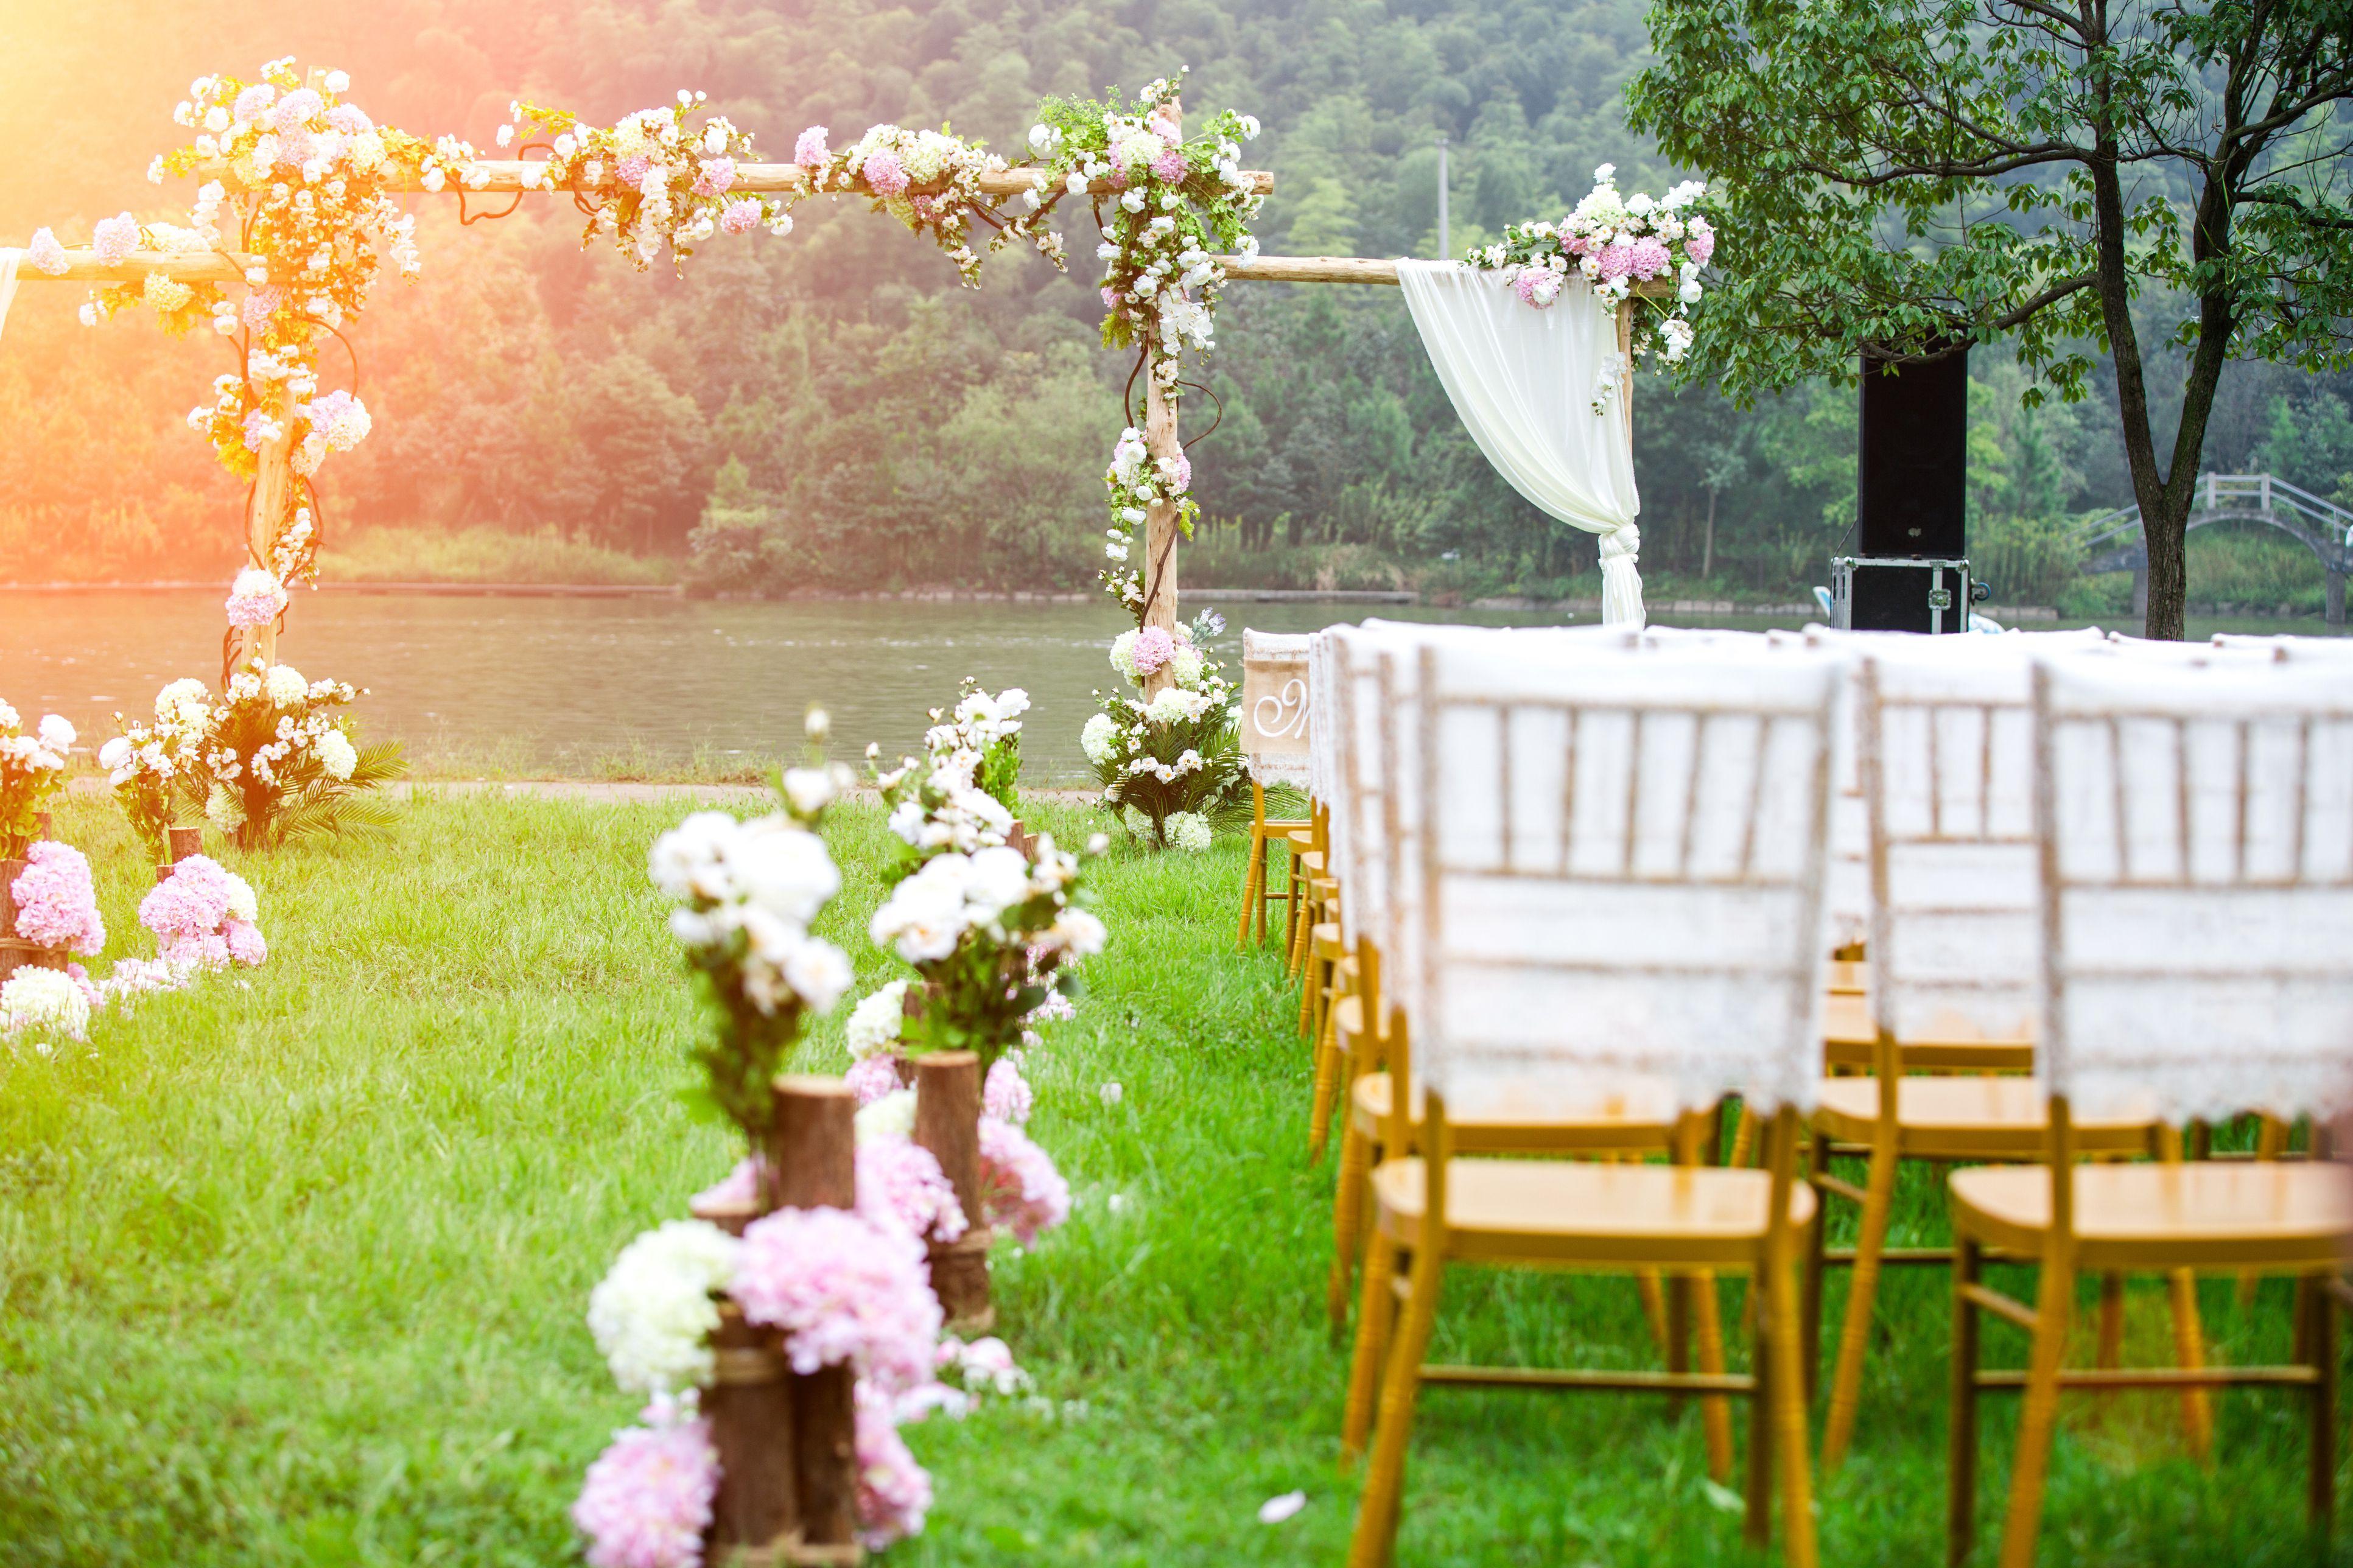 Tips For Attending An Outdoor Summer Wedding